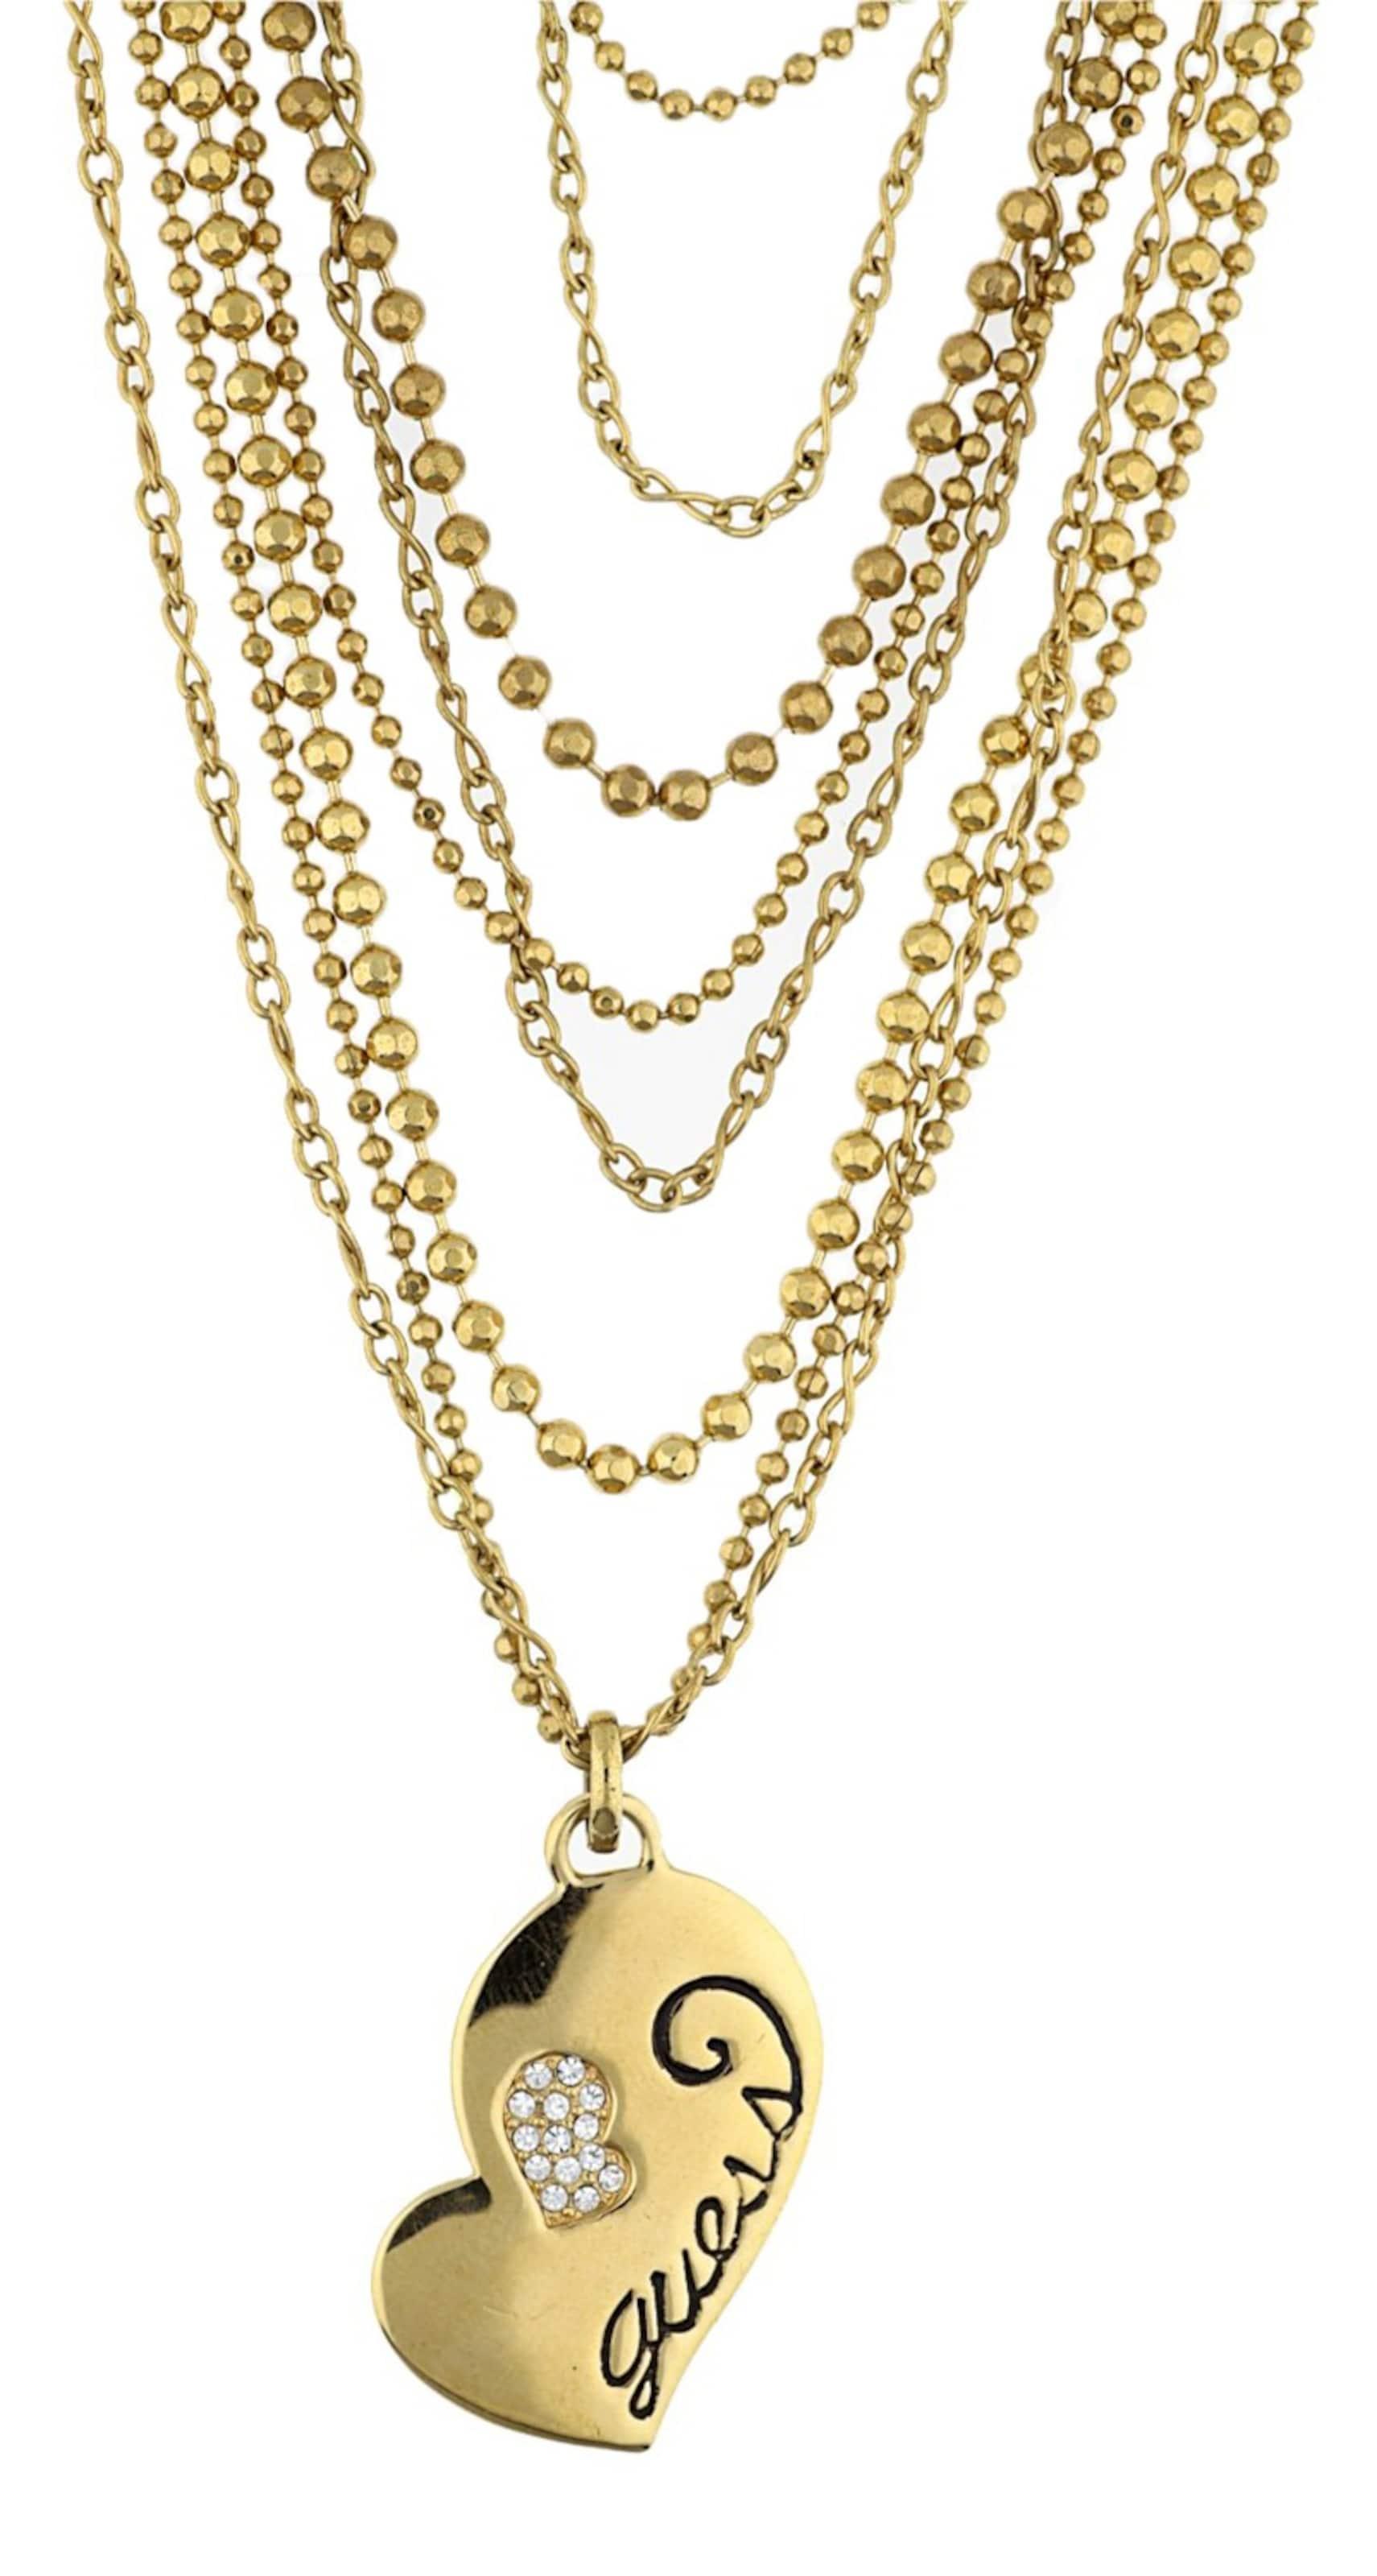 GUESS Halskette aus Metall UBN80914 Sammlungen Online Freies Verschiffen Ausgezeichnet Auslass Amazon Mit Paypal Online Bester Großhandel Zu Verkaufen oZCtOVhR